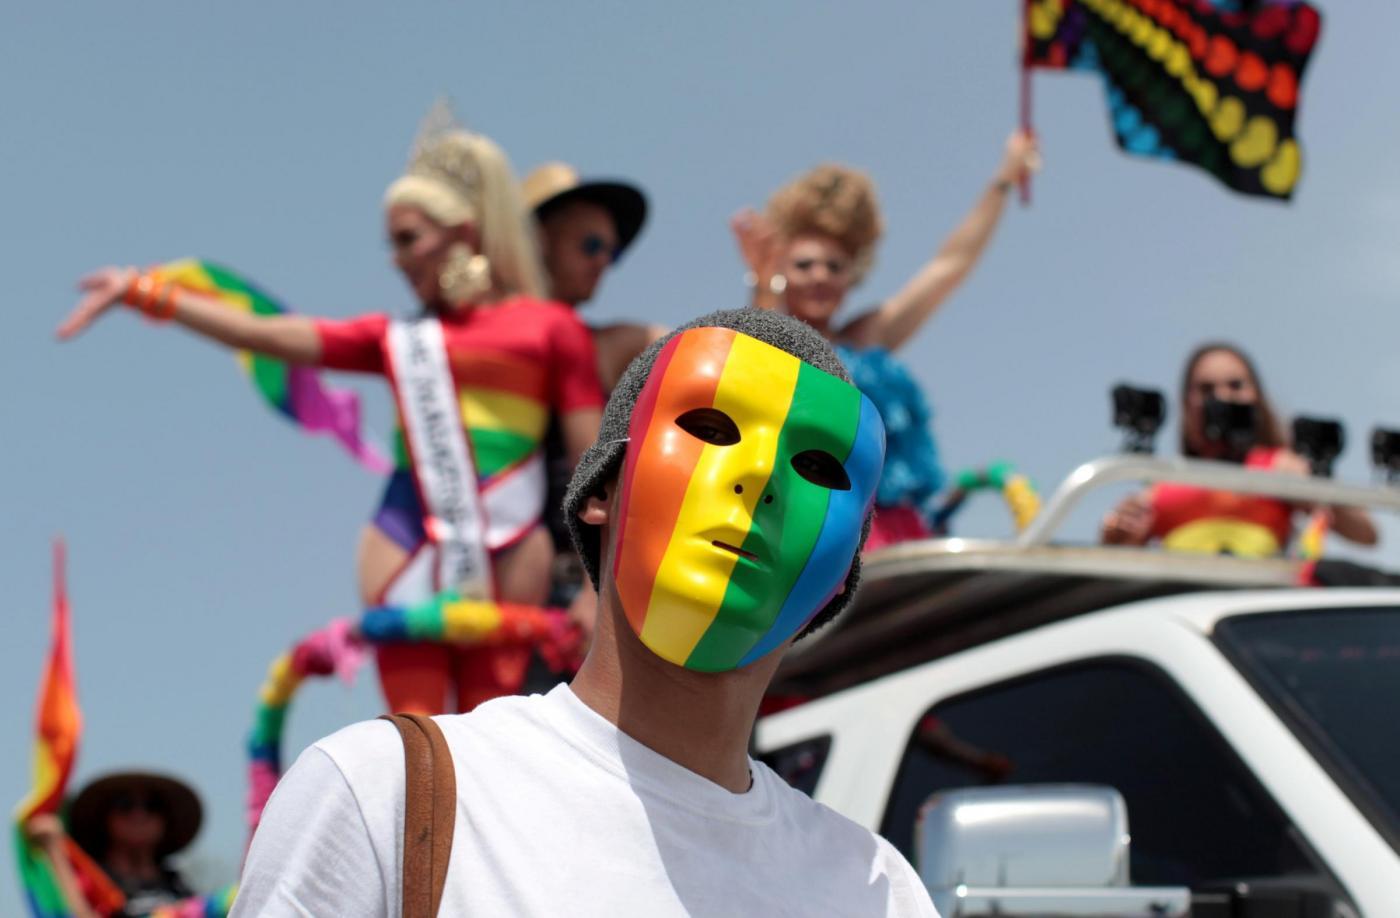 Politici omofobi italiani e stranieri: le dichiarazioni e i peggiori insulti ai gay